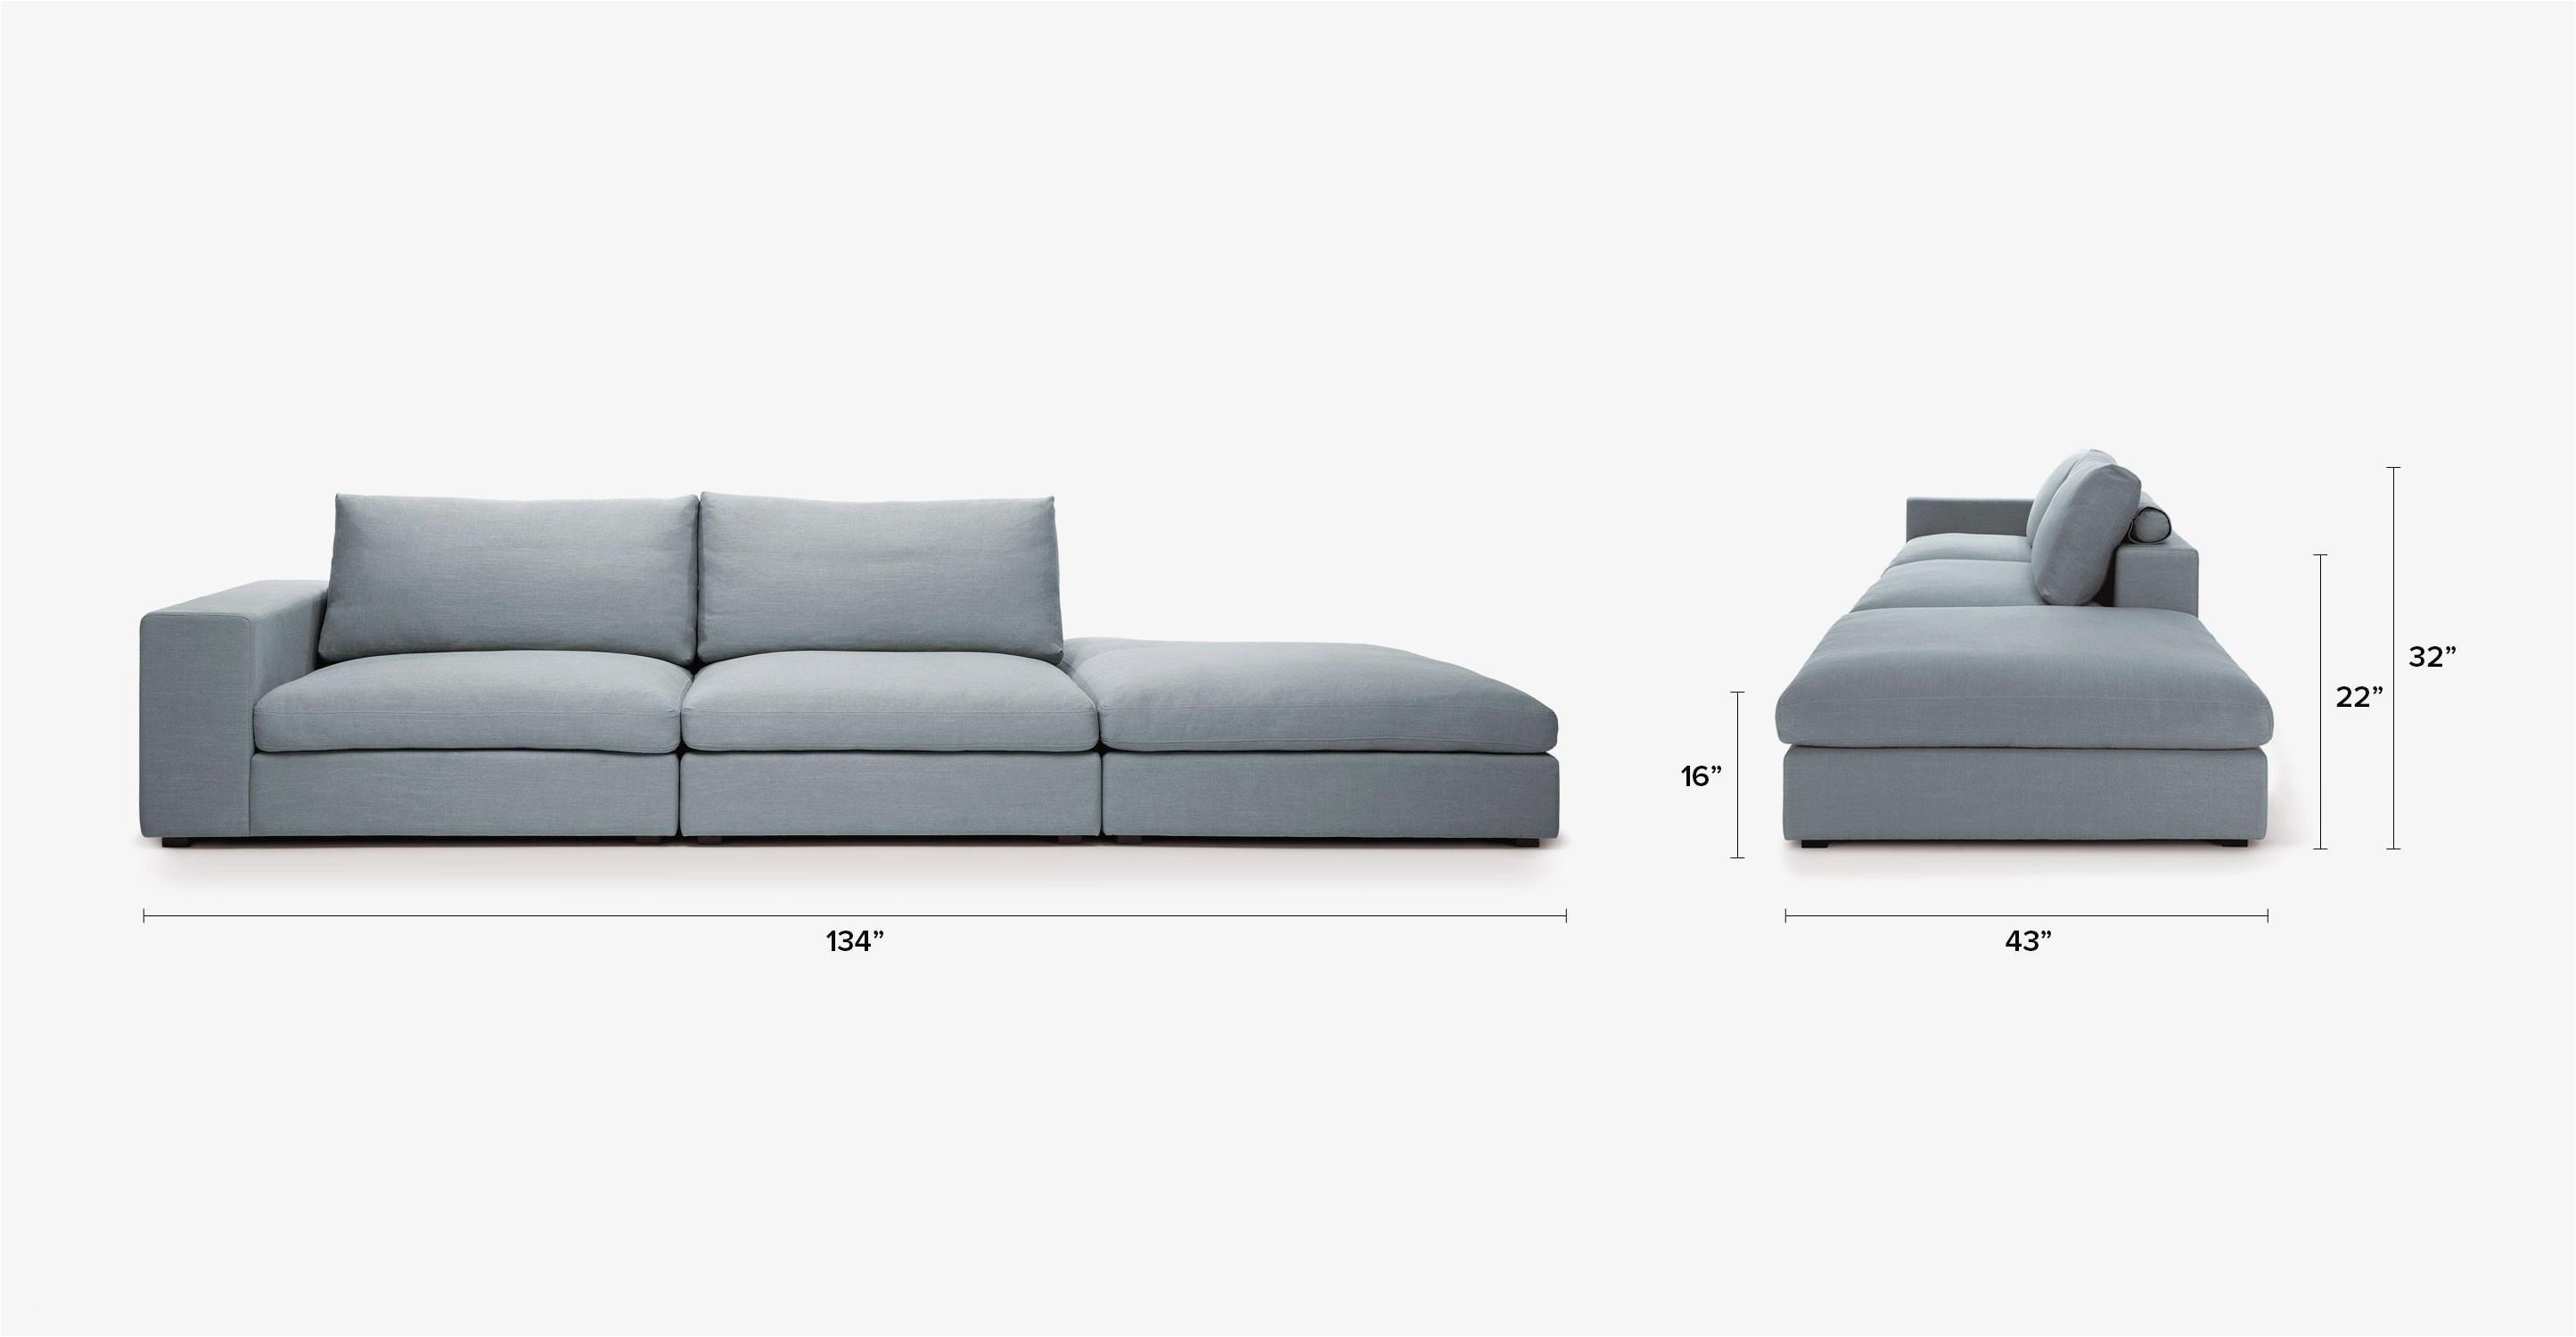 sofa liege luxus sofa couches best futon einfach futon couch ziel